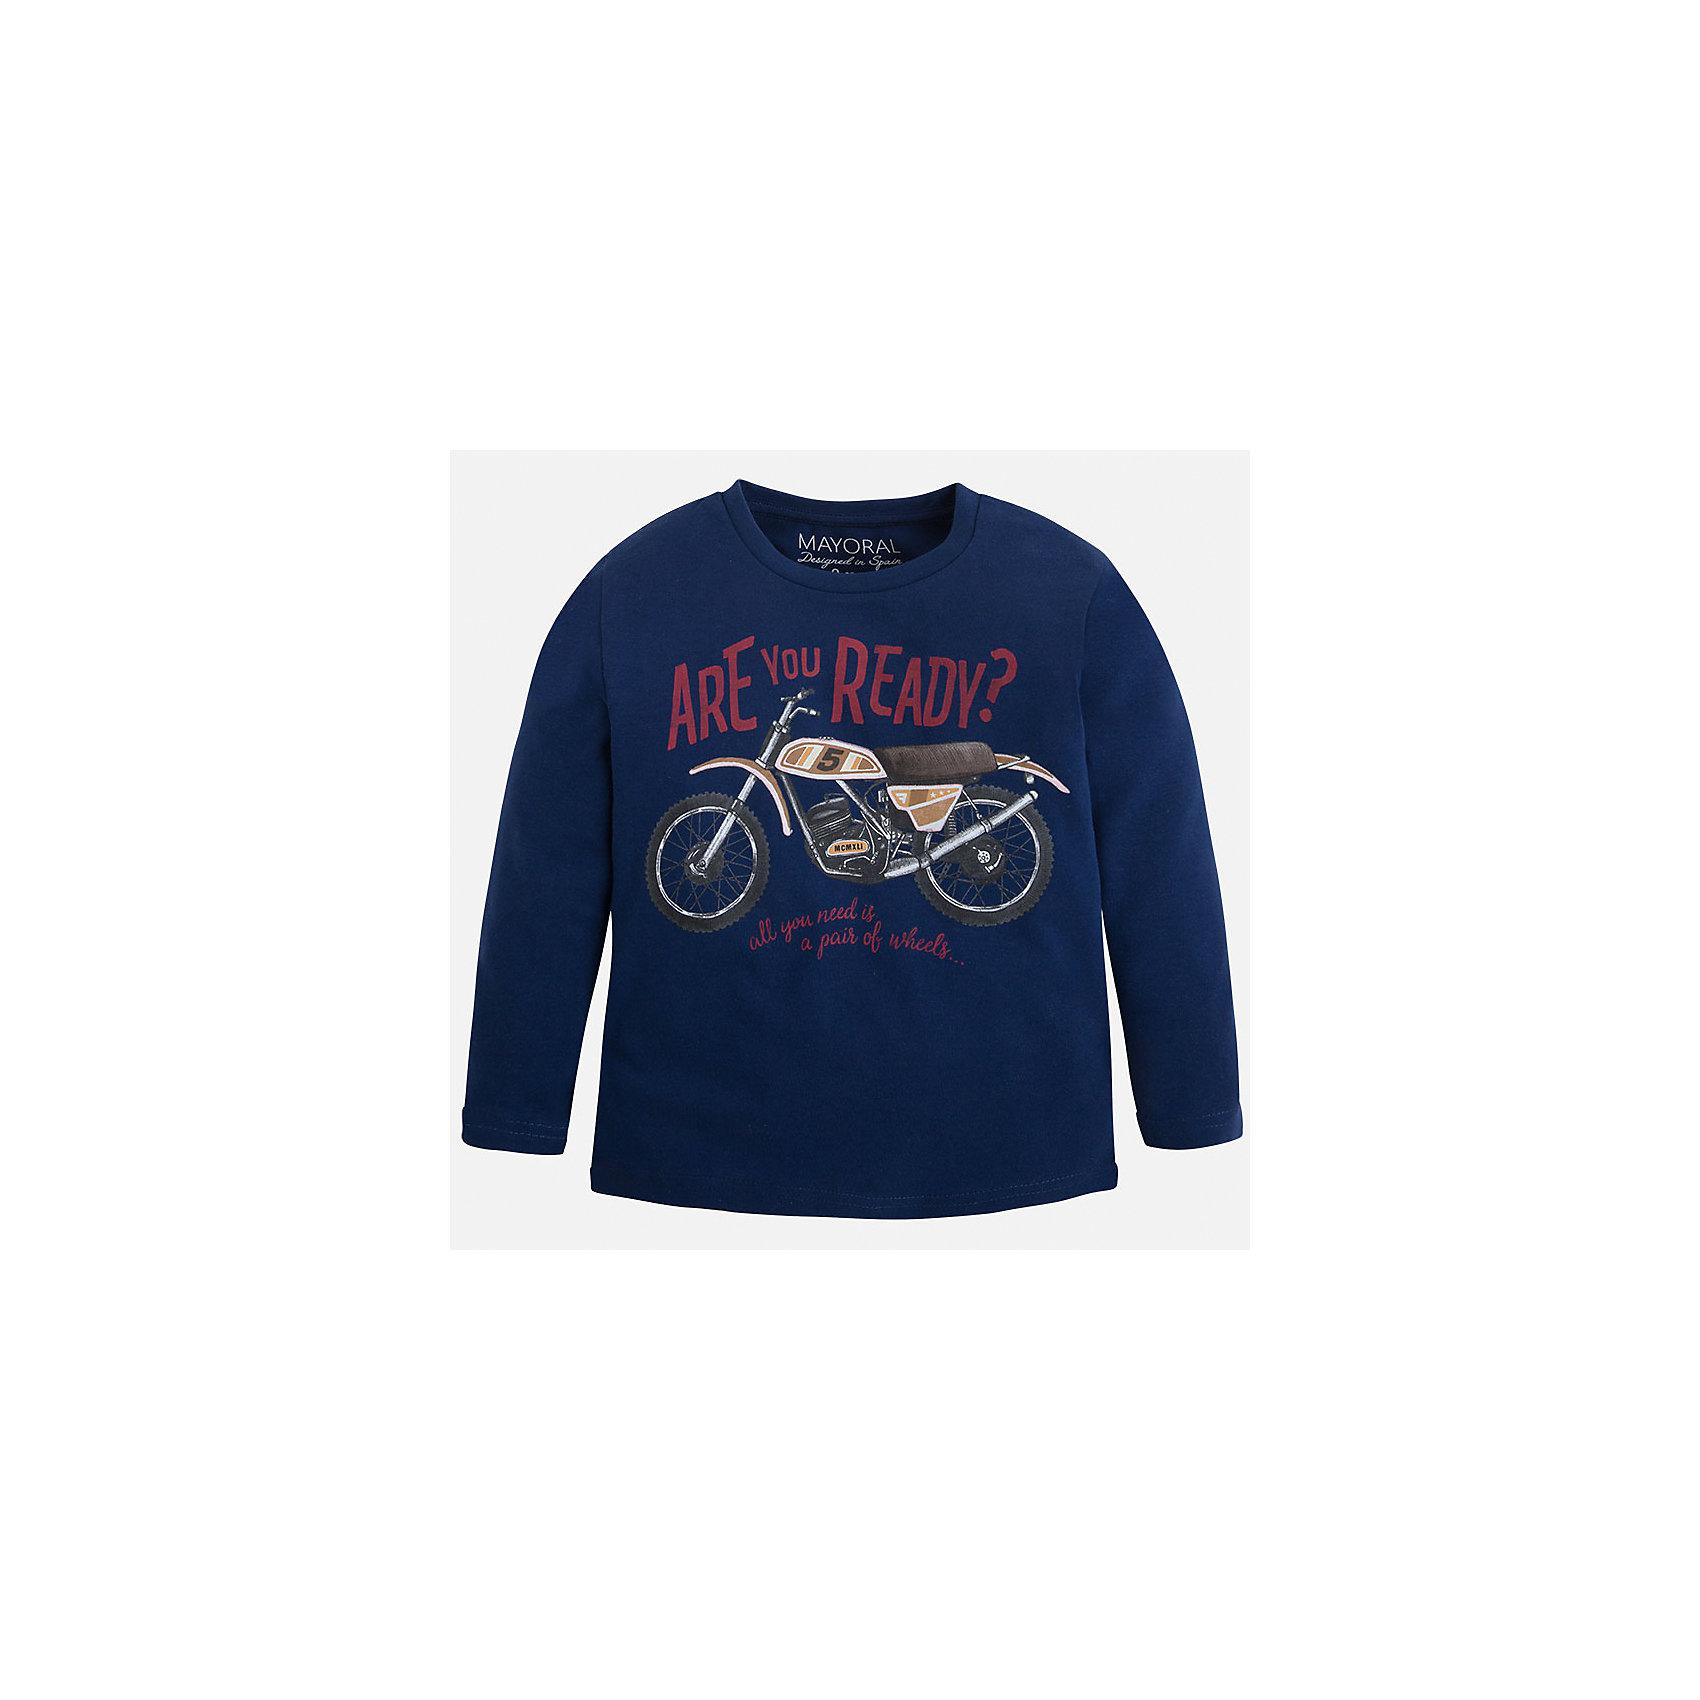 Футболка с длинным рукавом для мальчика MayoralФутболки с длинным рукавом<br>Хлопковая футболка с длинными рукавами - это  базовая вещь в любом гардеробе. Благодаря длинным рукавам и легкому составу, ее можно носить в любое время года, а яркий орнамент, подчеркнет индивидуальный стиль Вашего ребенка!<br><br>Дополнительная информация:<br><br>- Крой: прямой крой.<br>- Страна бренда: Испания.<br>- Состав: хлопок 90%, вискоза 10%.<br>- Цвет: темно-синий.<br>- Уход: бережная стирка при 30 градусах.<br><br>Купить футболку с длинным рукавом для мальчика, от  Mayoral, можно в нашем магазине.<br><br>Ширина мм: 230<br>Глубина мм: 40<br>Высота мм: 220<br>Вес г: 250<br>Цвет: синий<br>Возраст от месяцев: 24<br>Возраст до месяцев: 36<br>Пол: Мужской<br>Возраст: Детский<br>Размер: 98,122,116,110,104,92,134,128<br>SKU: 4821854